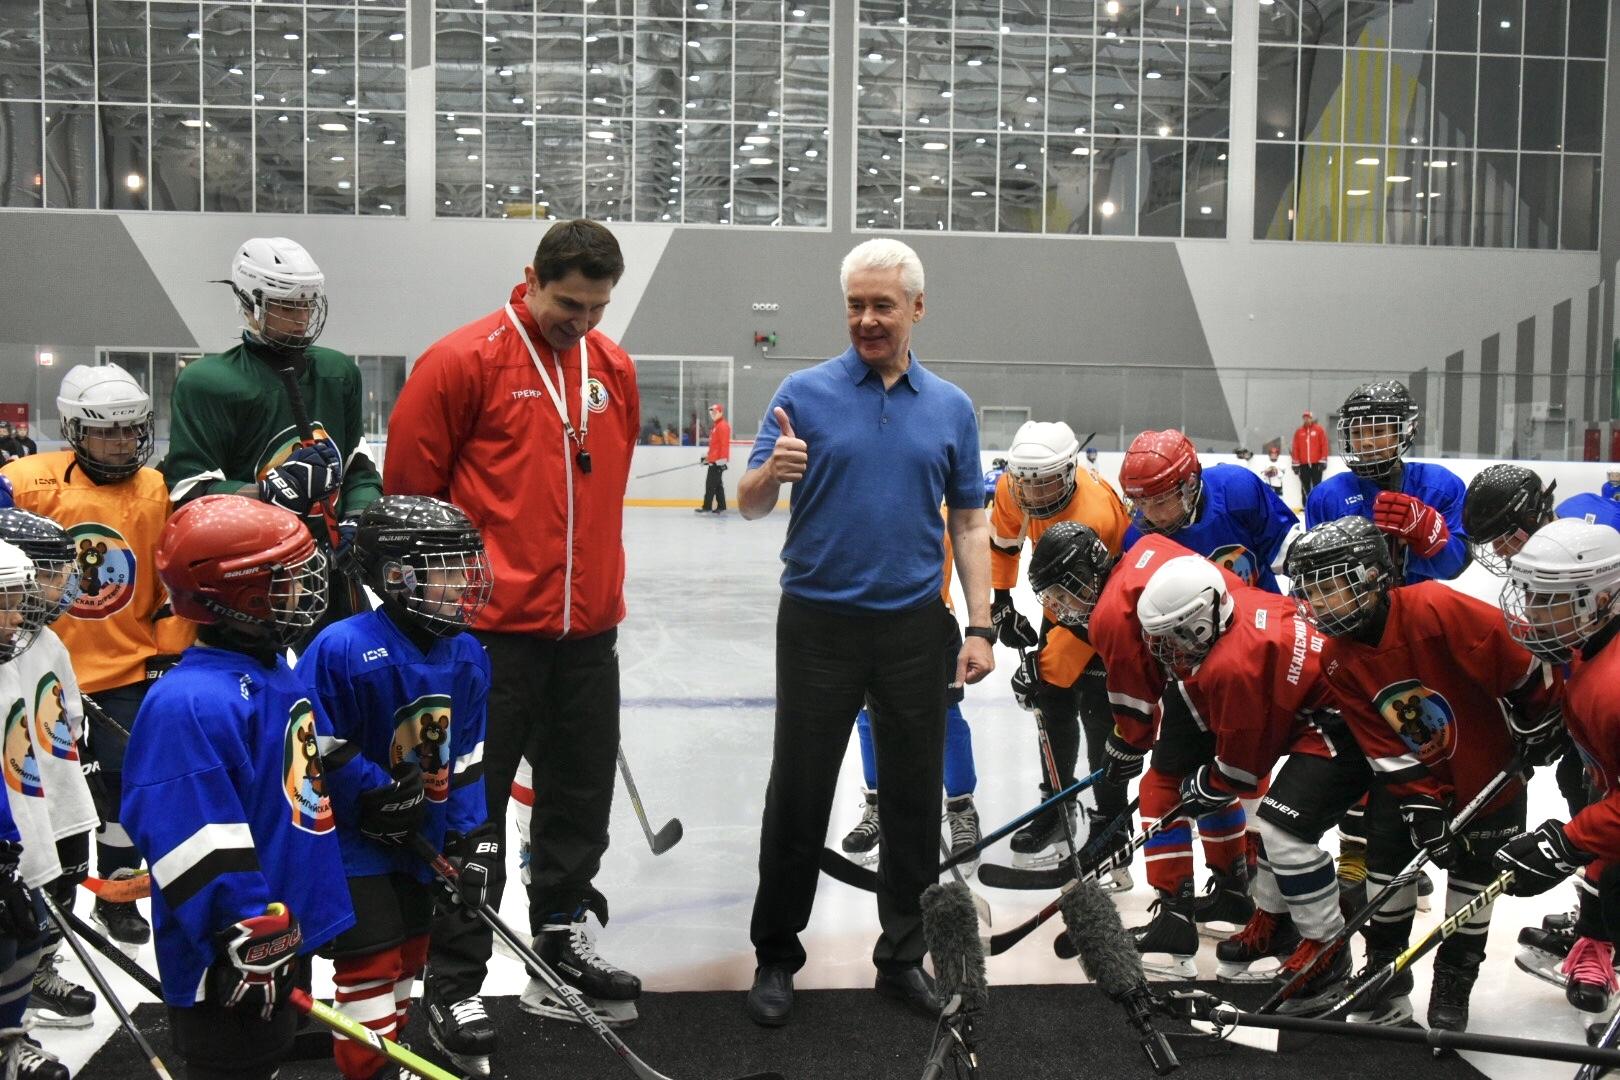 кадрах ск олимпийский хоккей фотогалерея этой вселенной живут